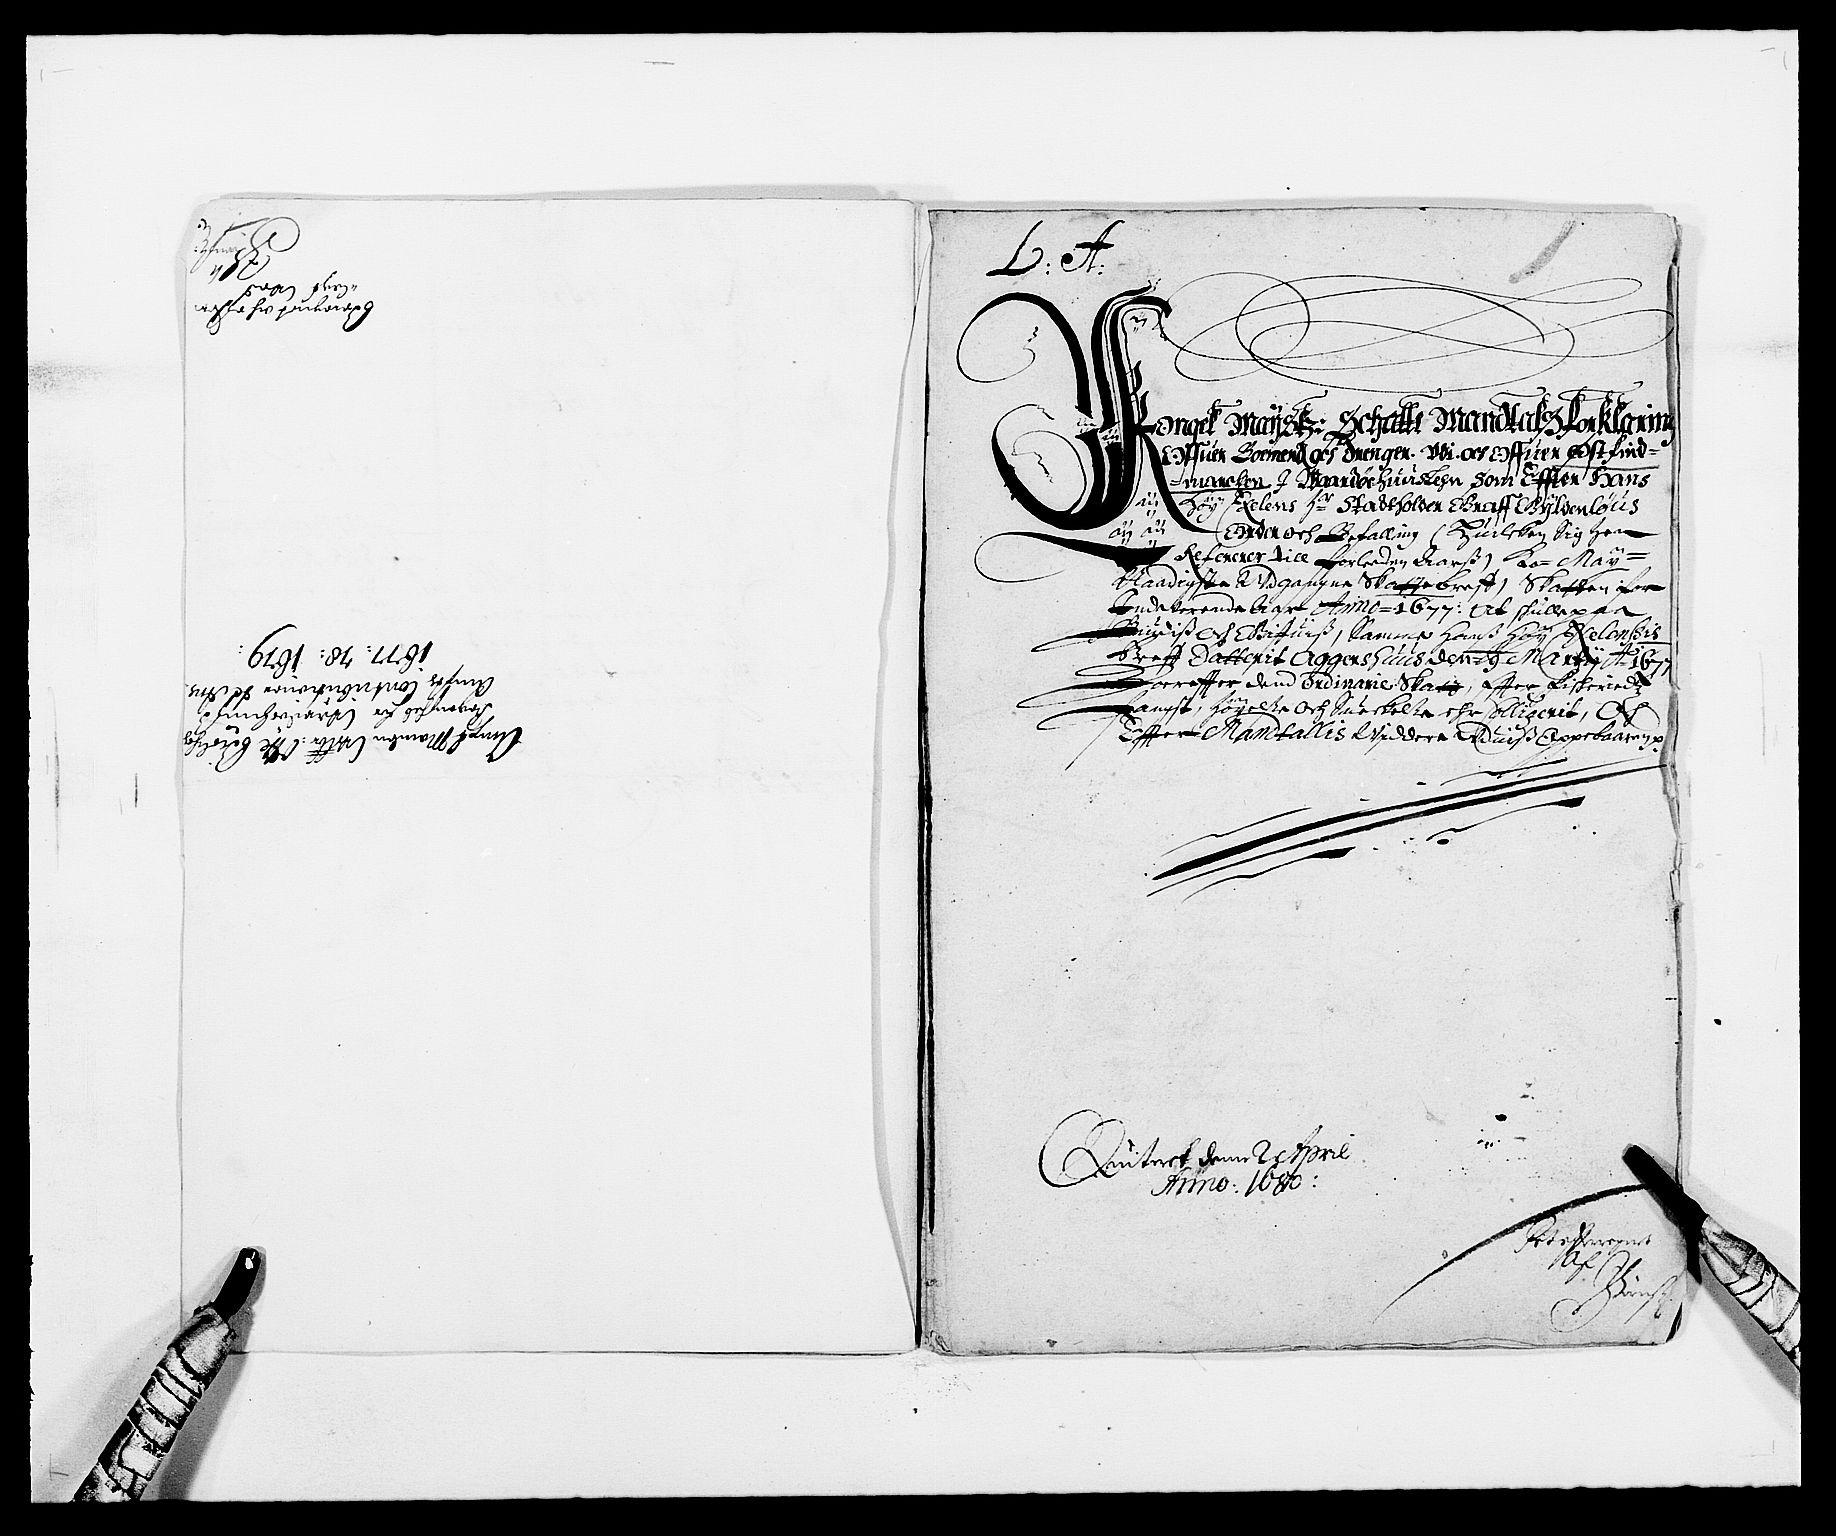 RA, Rentekammeret inntil 1814, Reviderte regnskaper, Fogderegnskap, R69/L4849: Fogderegnskap Finnmark/Vardøhus, 1661-1679, s. 377